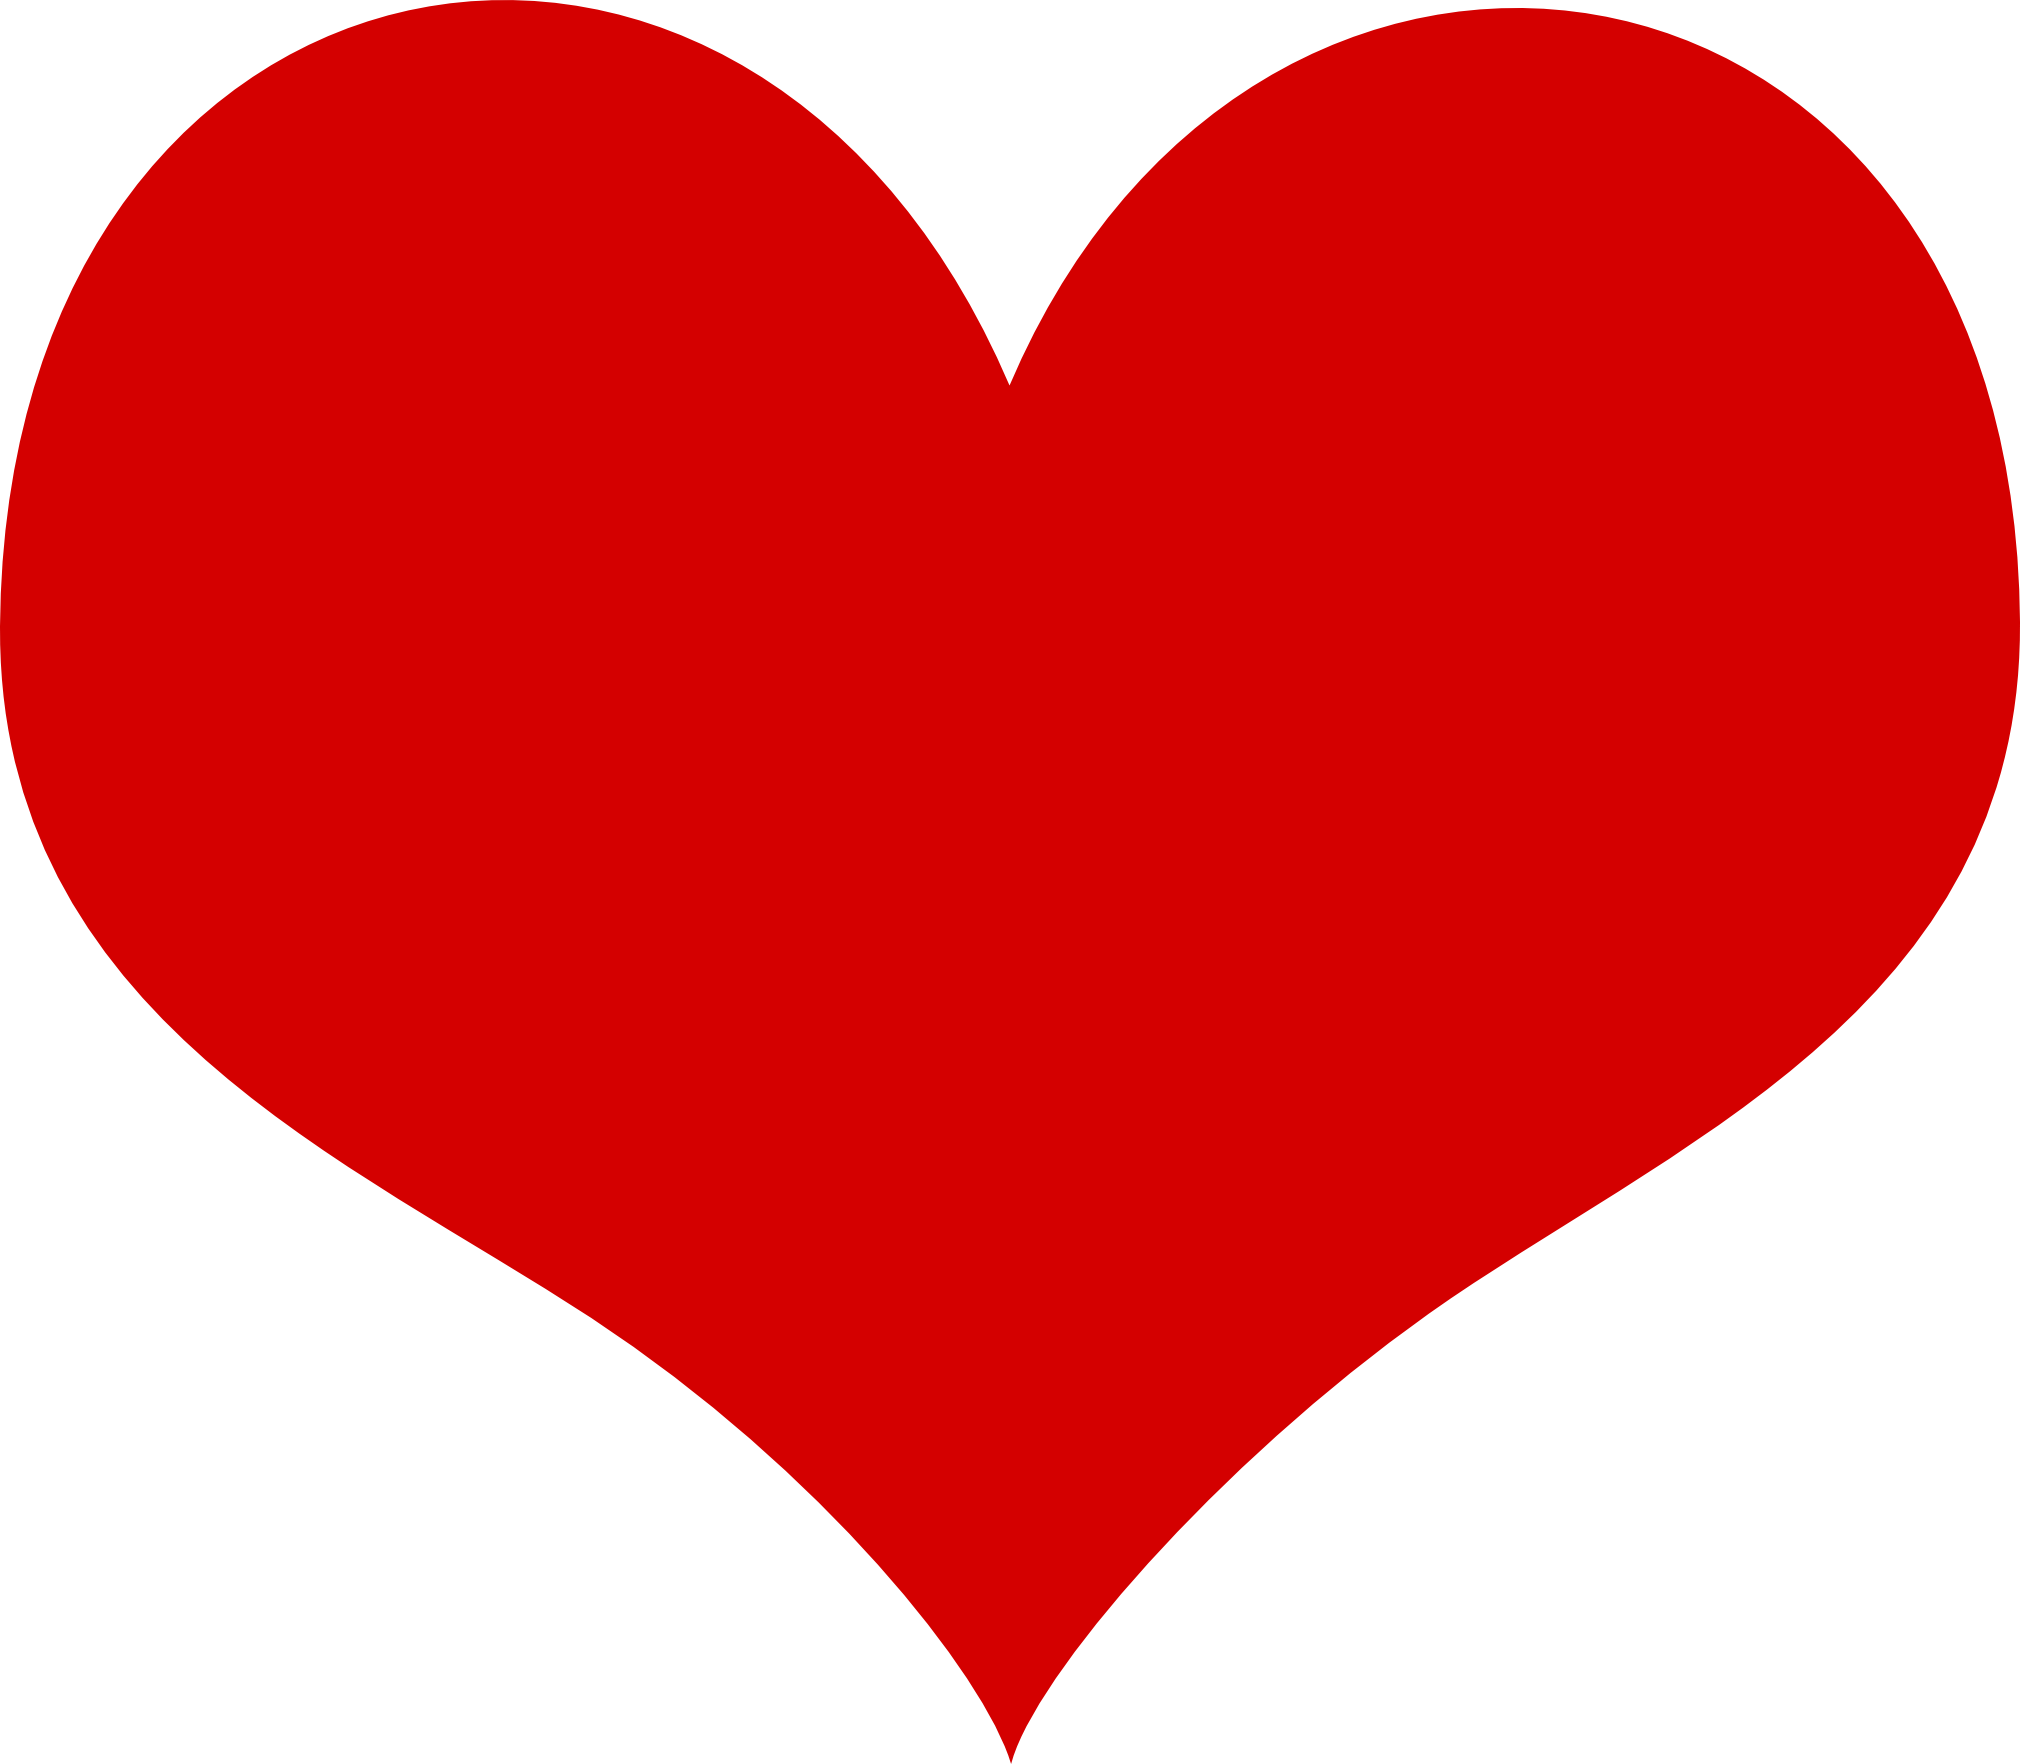 Clipart hearts handwritten. Heart fotolip com rich